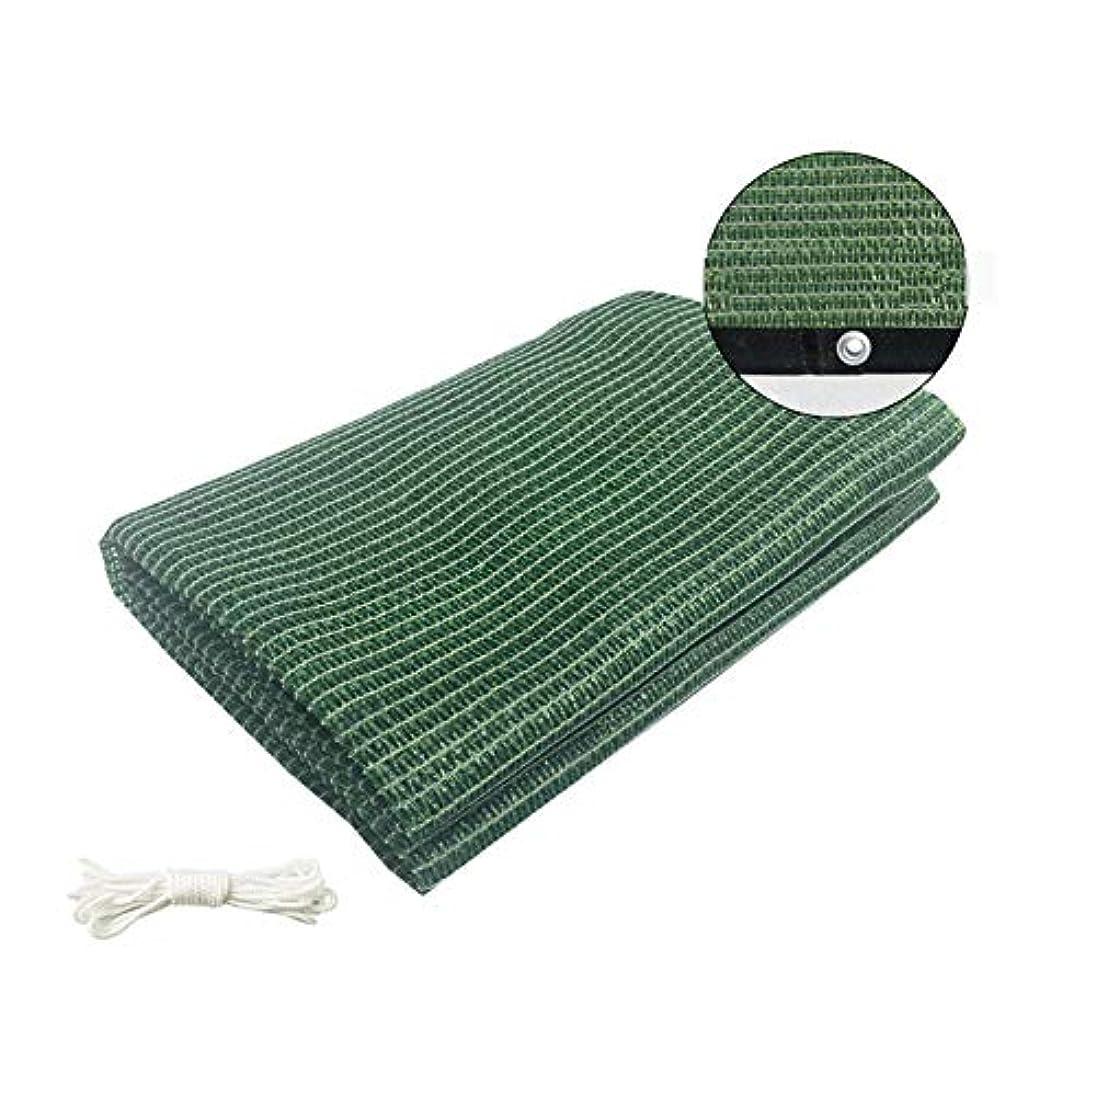 専門くちばしバナナZHANWEI オーニング シェード遮光ネット 夏 園芸 工場 フラワーズ 日よけ布 100g /㎡、 2色 (Color : Green, Size : 2X1.8M)